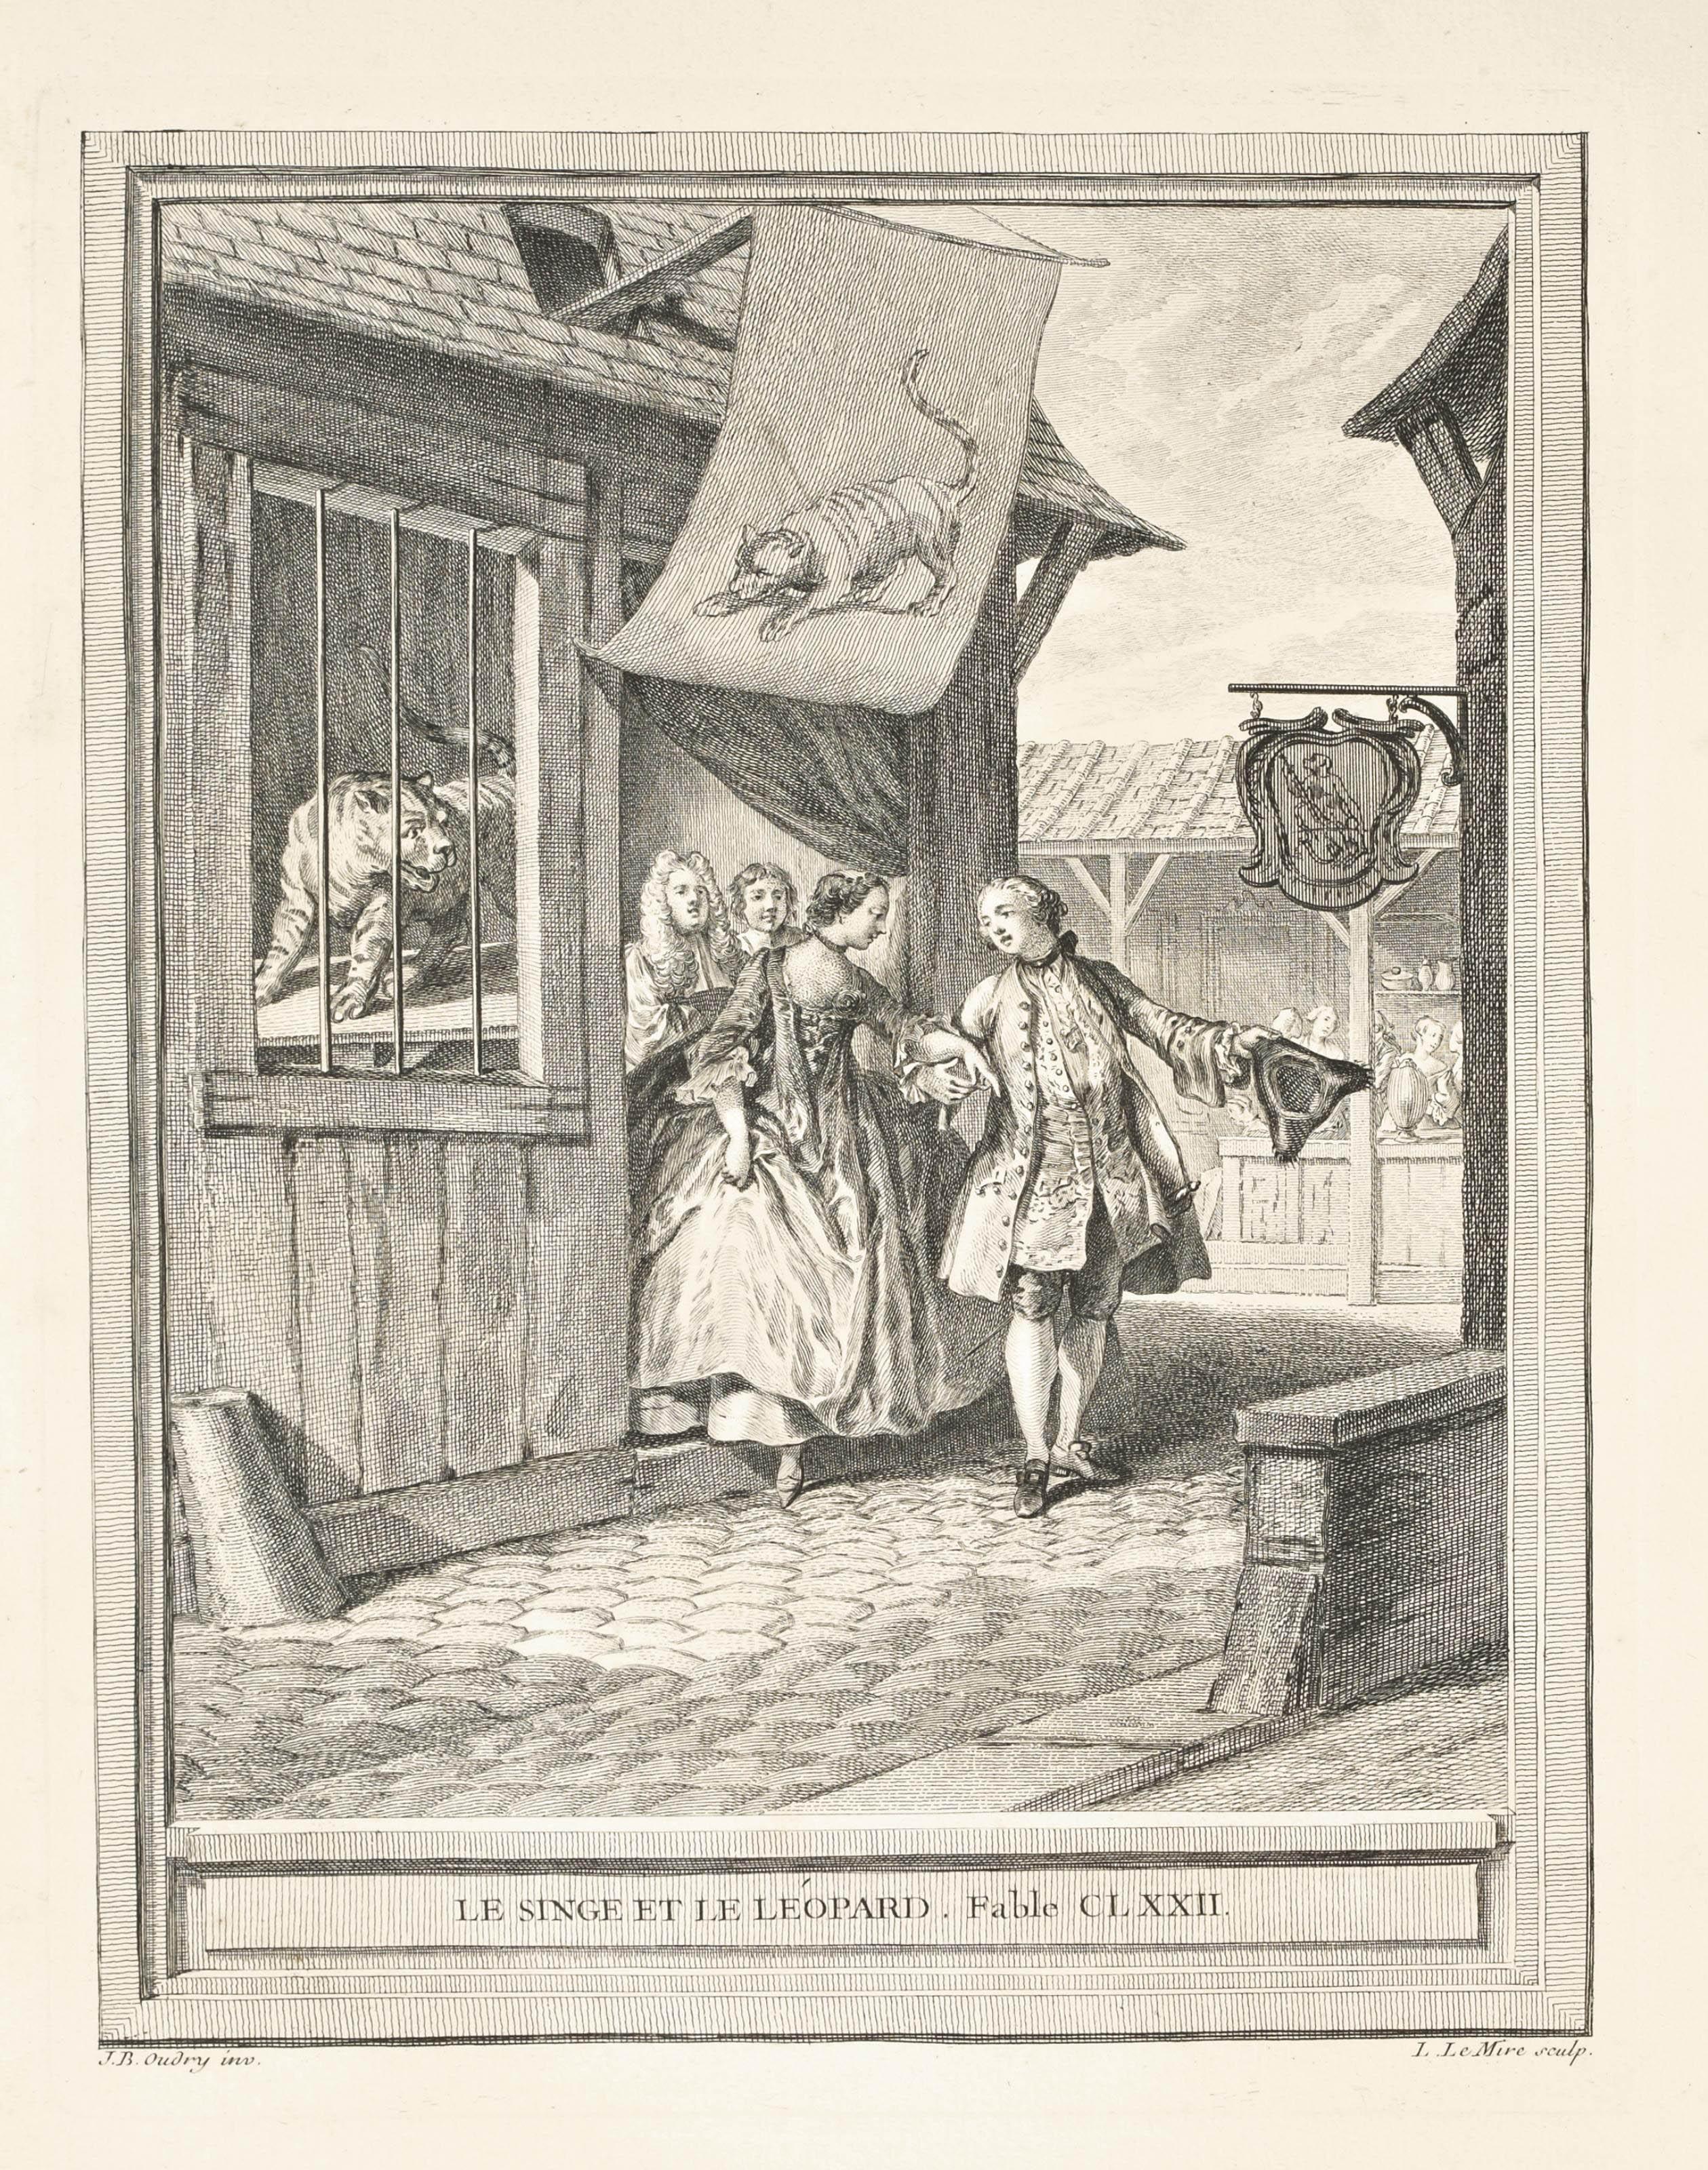 LA FONTAINE, Jean de (1621-1695). Fables choisies, mises en vers. Paris: Charles-Antoine Jombert pour Desaint & Saillant et Durand, 1755-59.